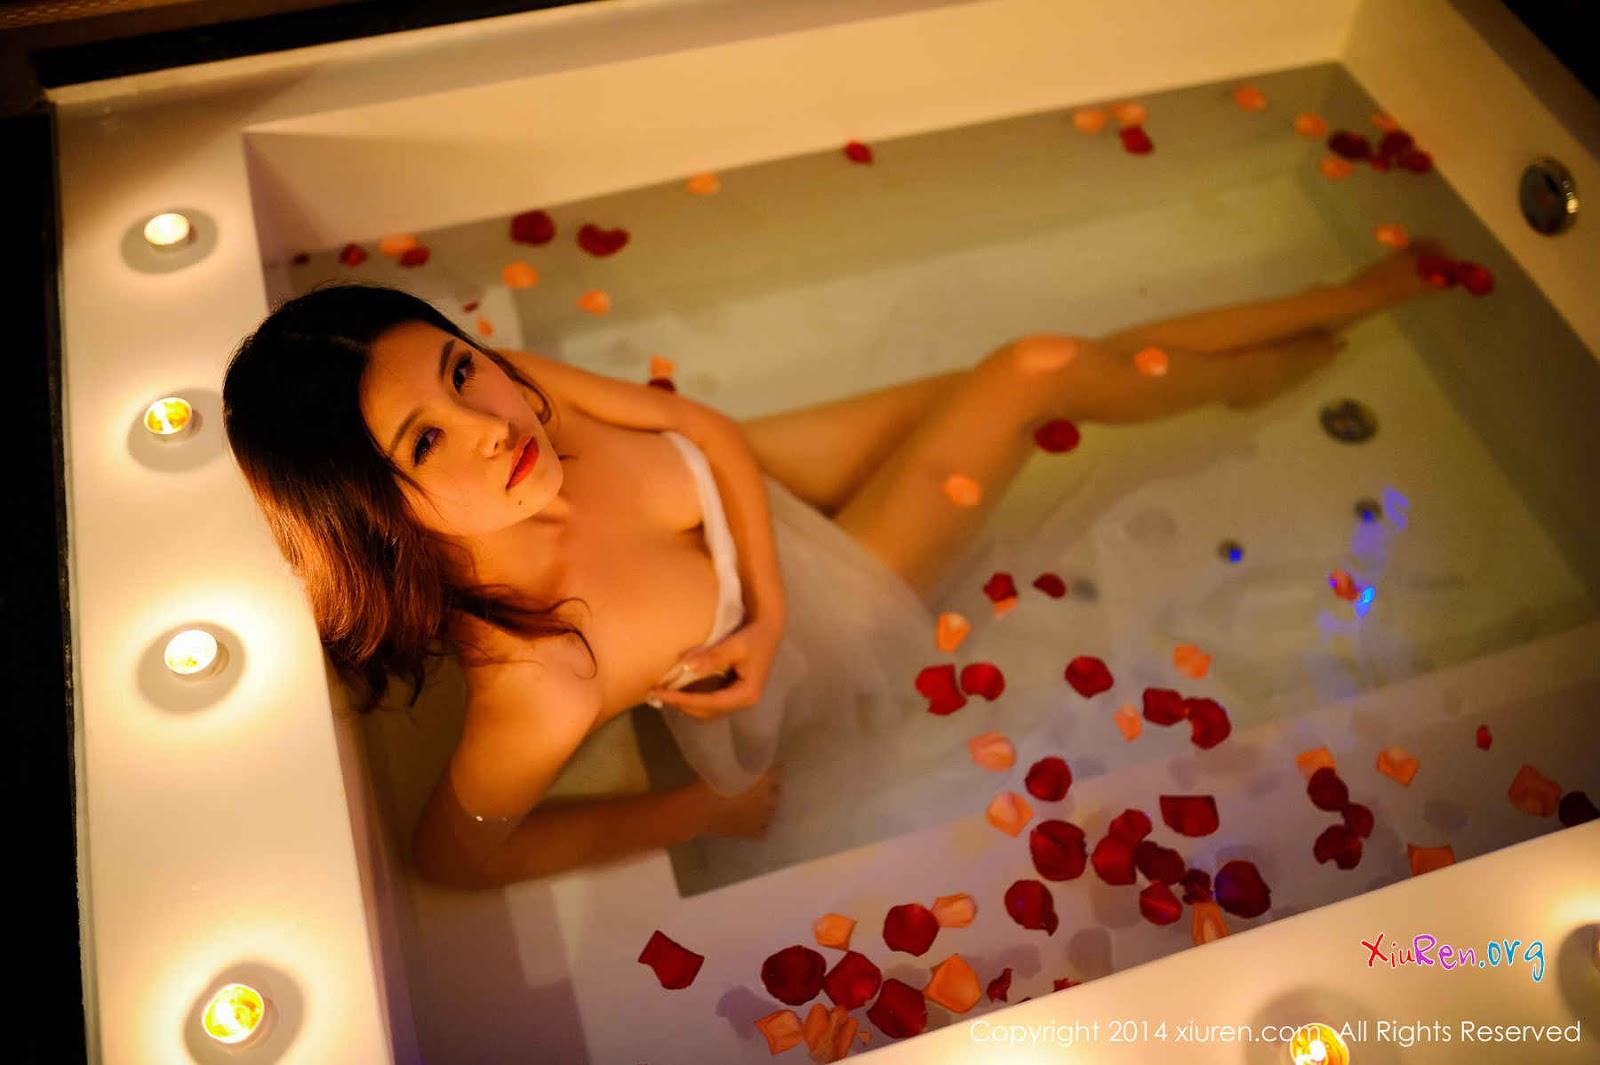 Ảnh gái đẹp HD Tỉnh mộng với thân hình quyến rủ 7